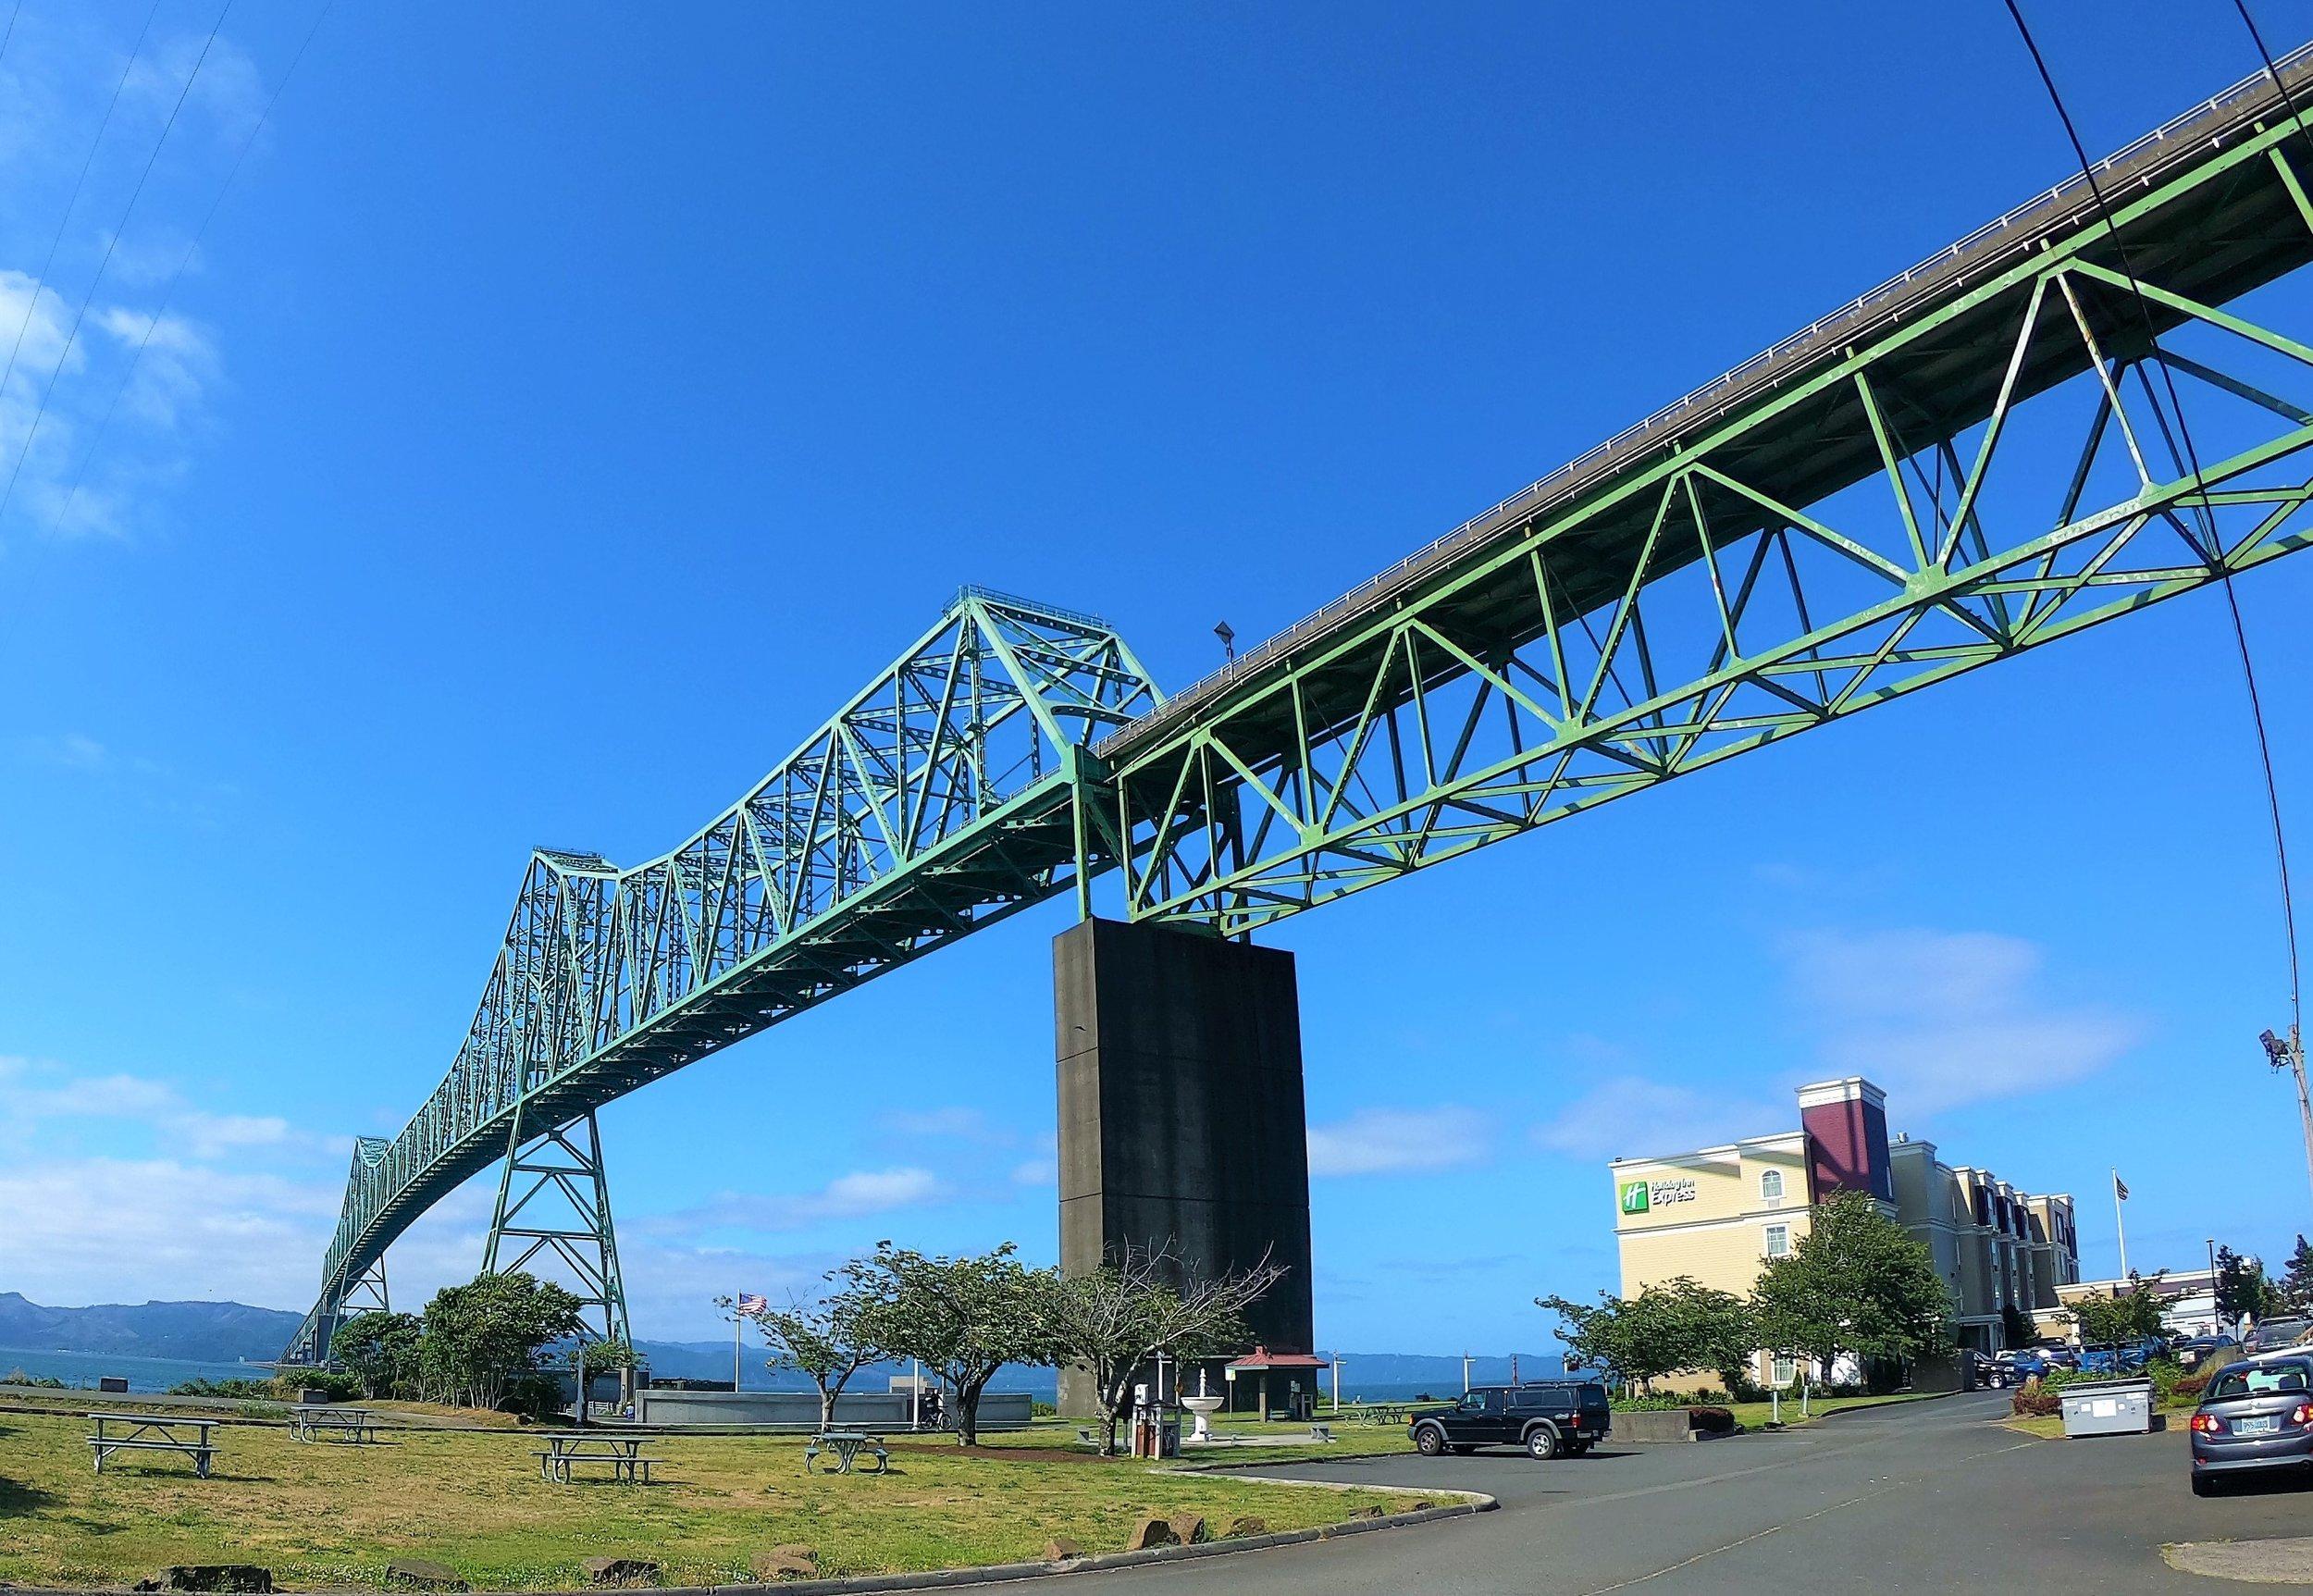 Astoria-Megler Bridge from Washington to Oregon